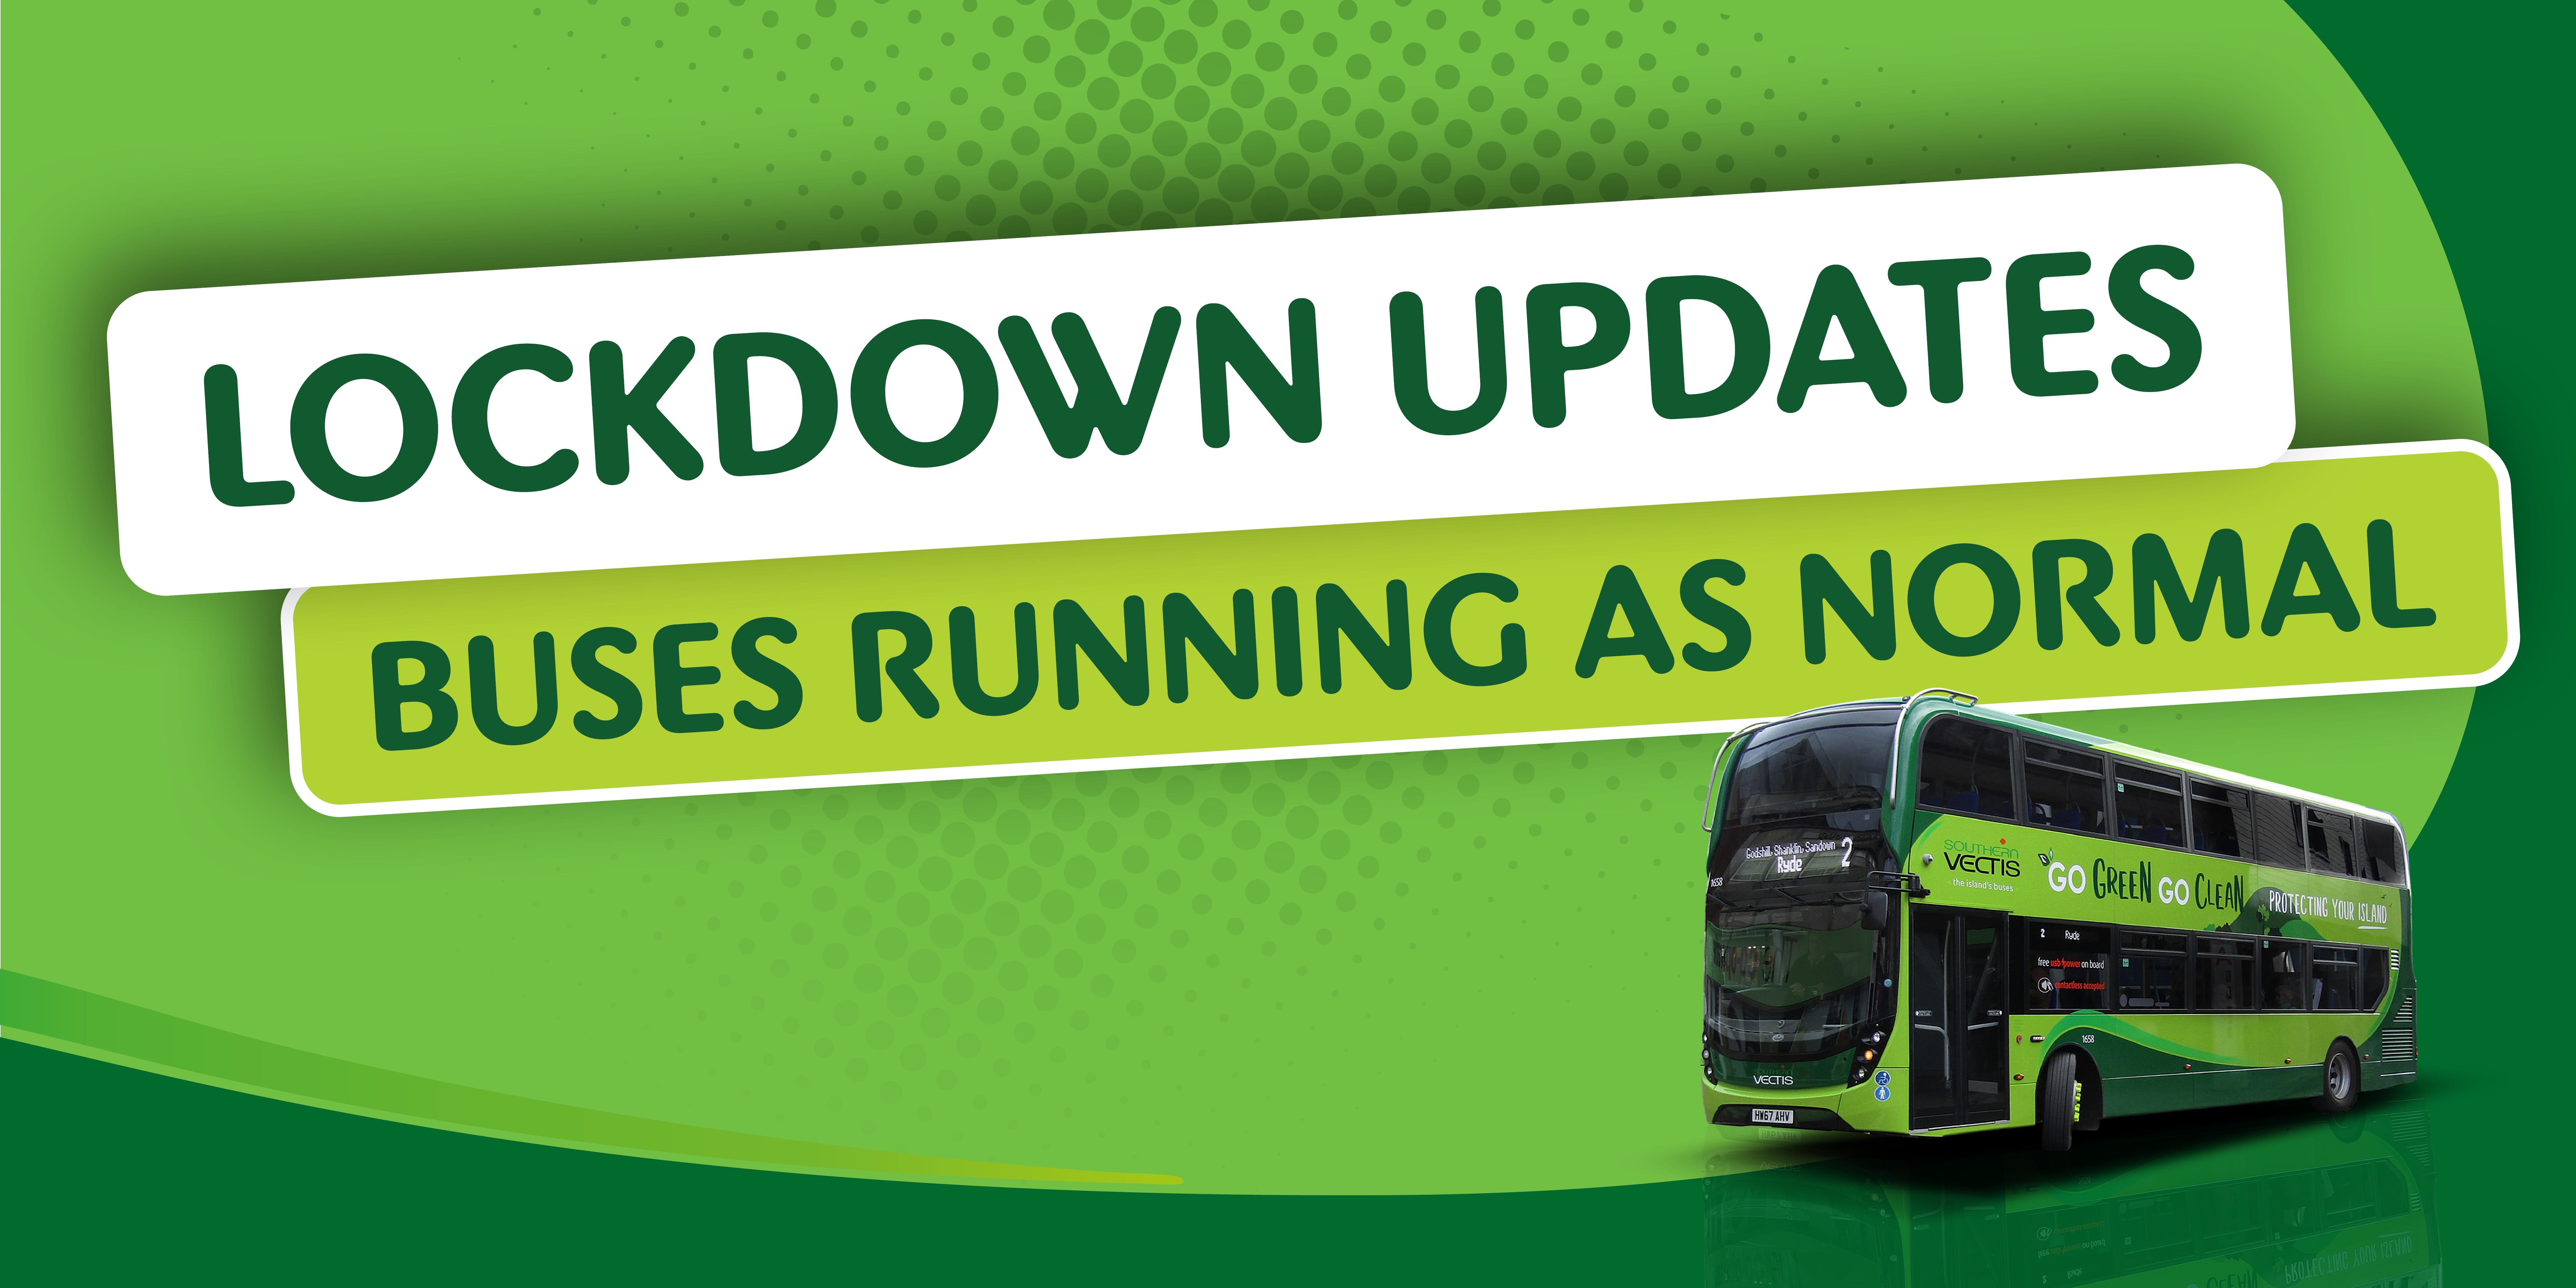 Lockdown updates buses running as normal